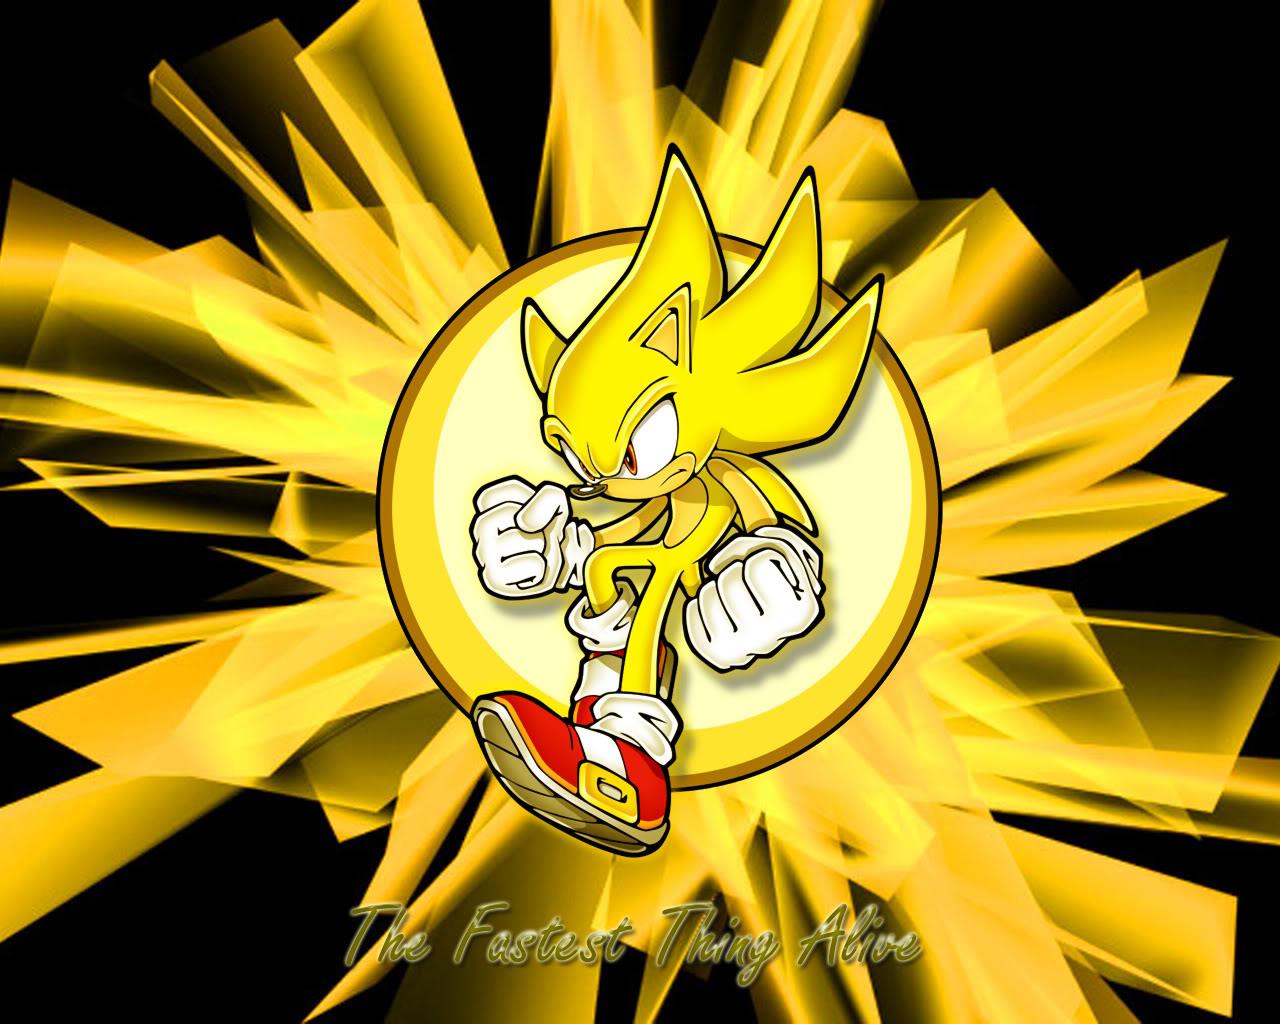 Super Sonic The Hedgehog Wallpaper Sf Wallpaper